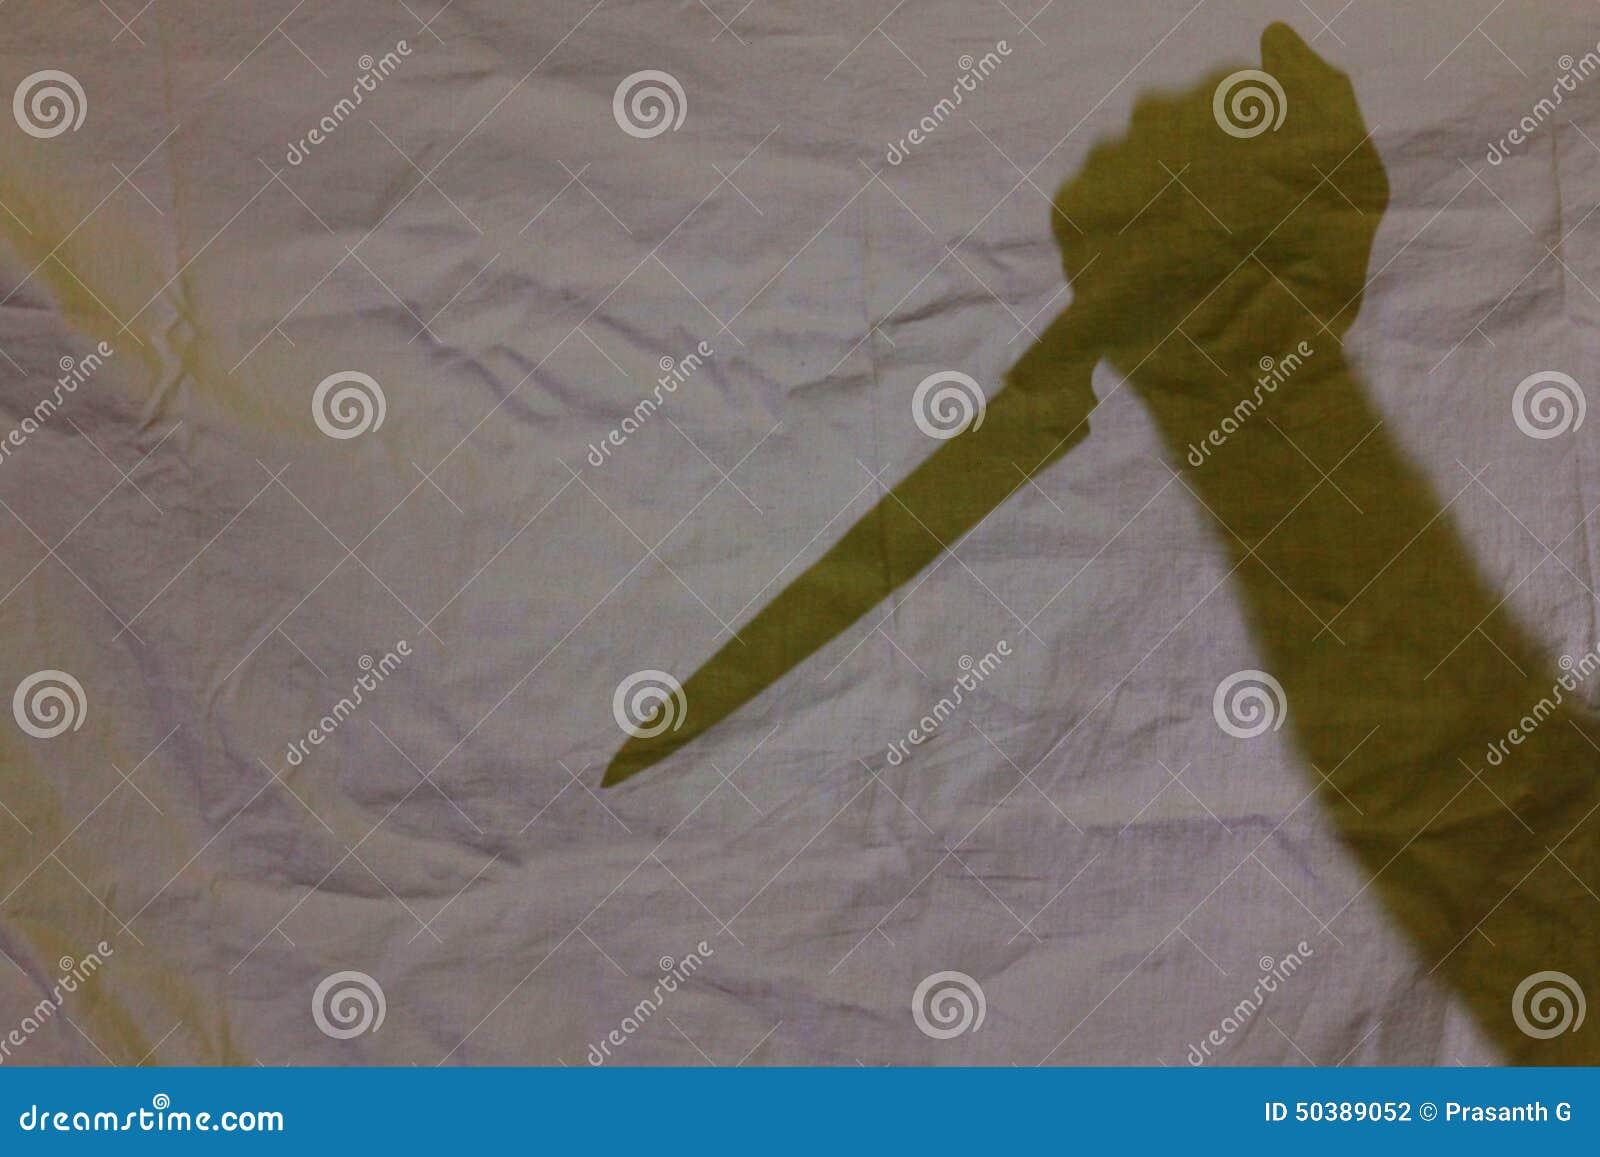 Schatten des Messers in der Hand